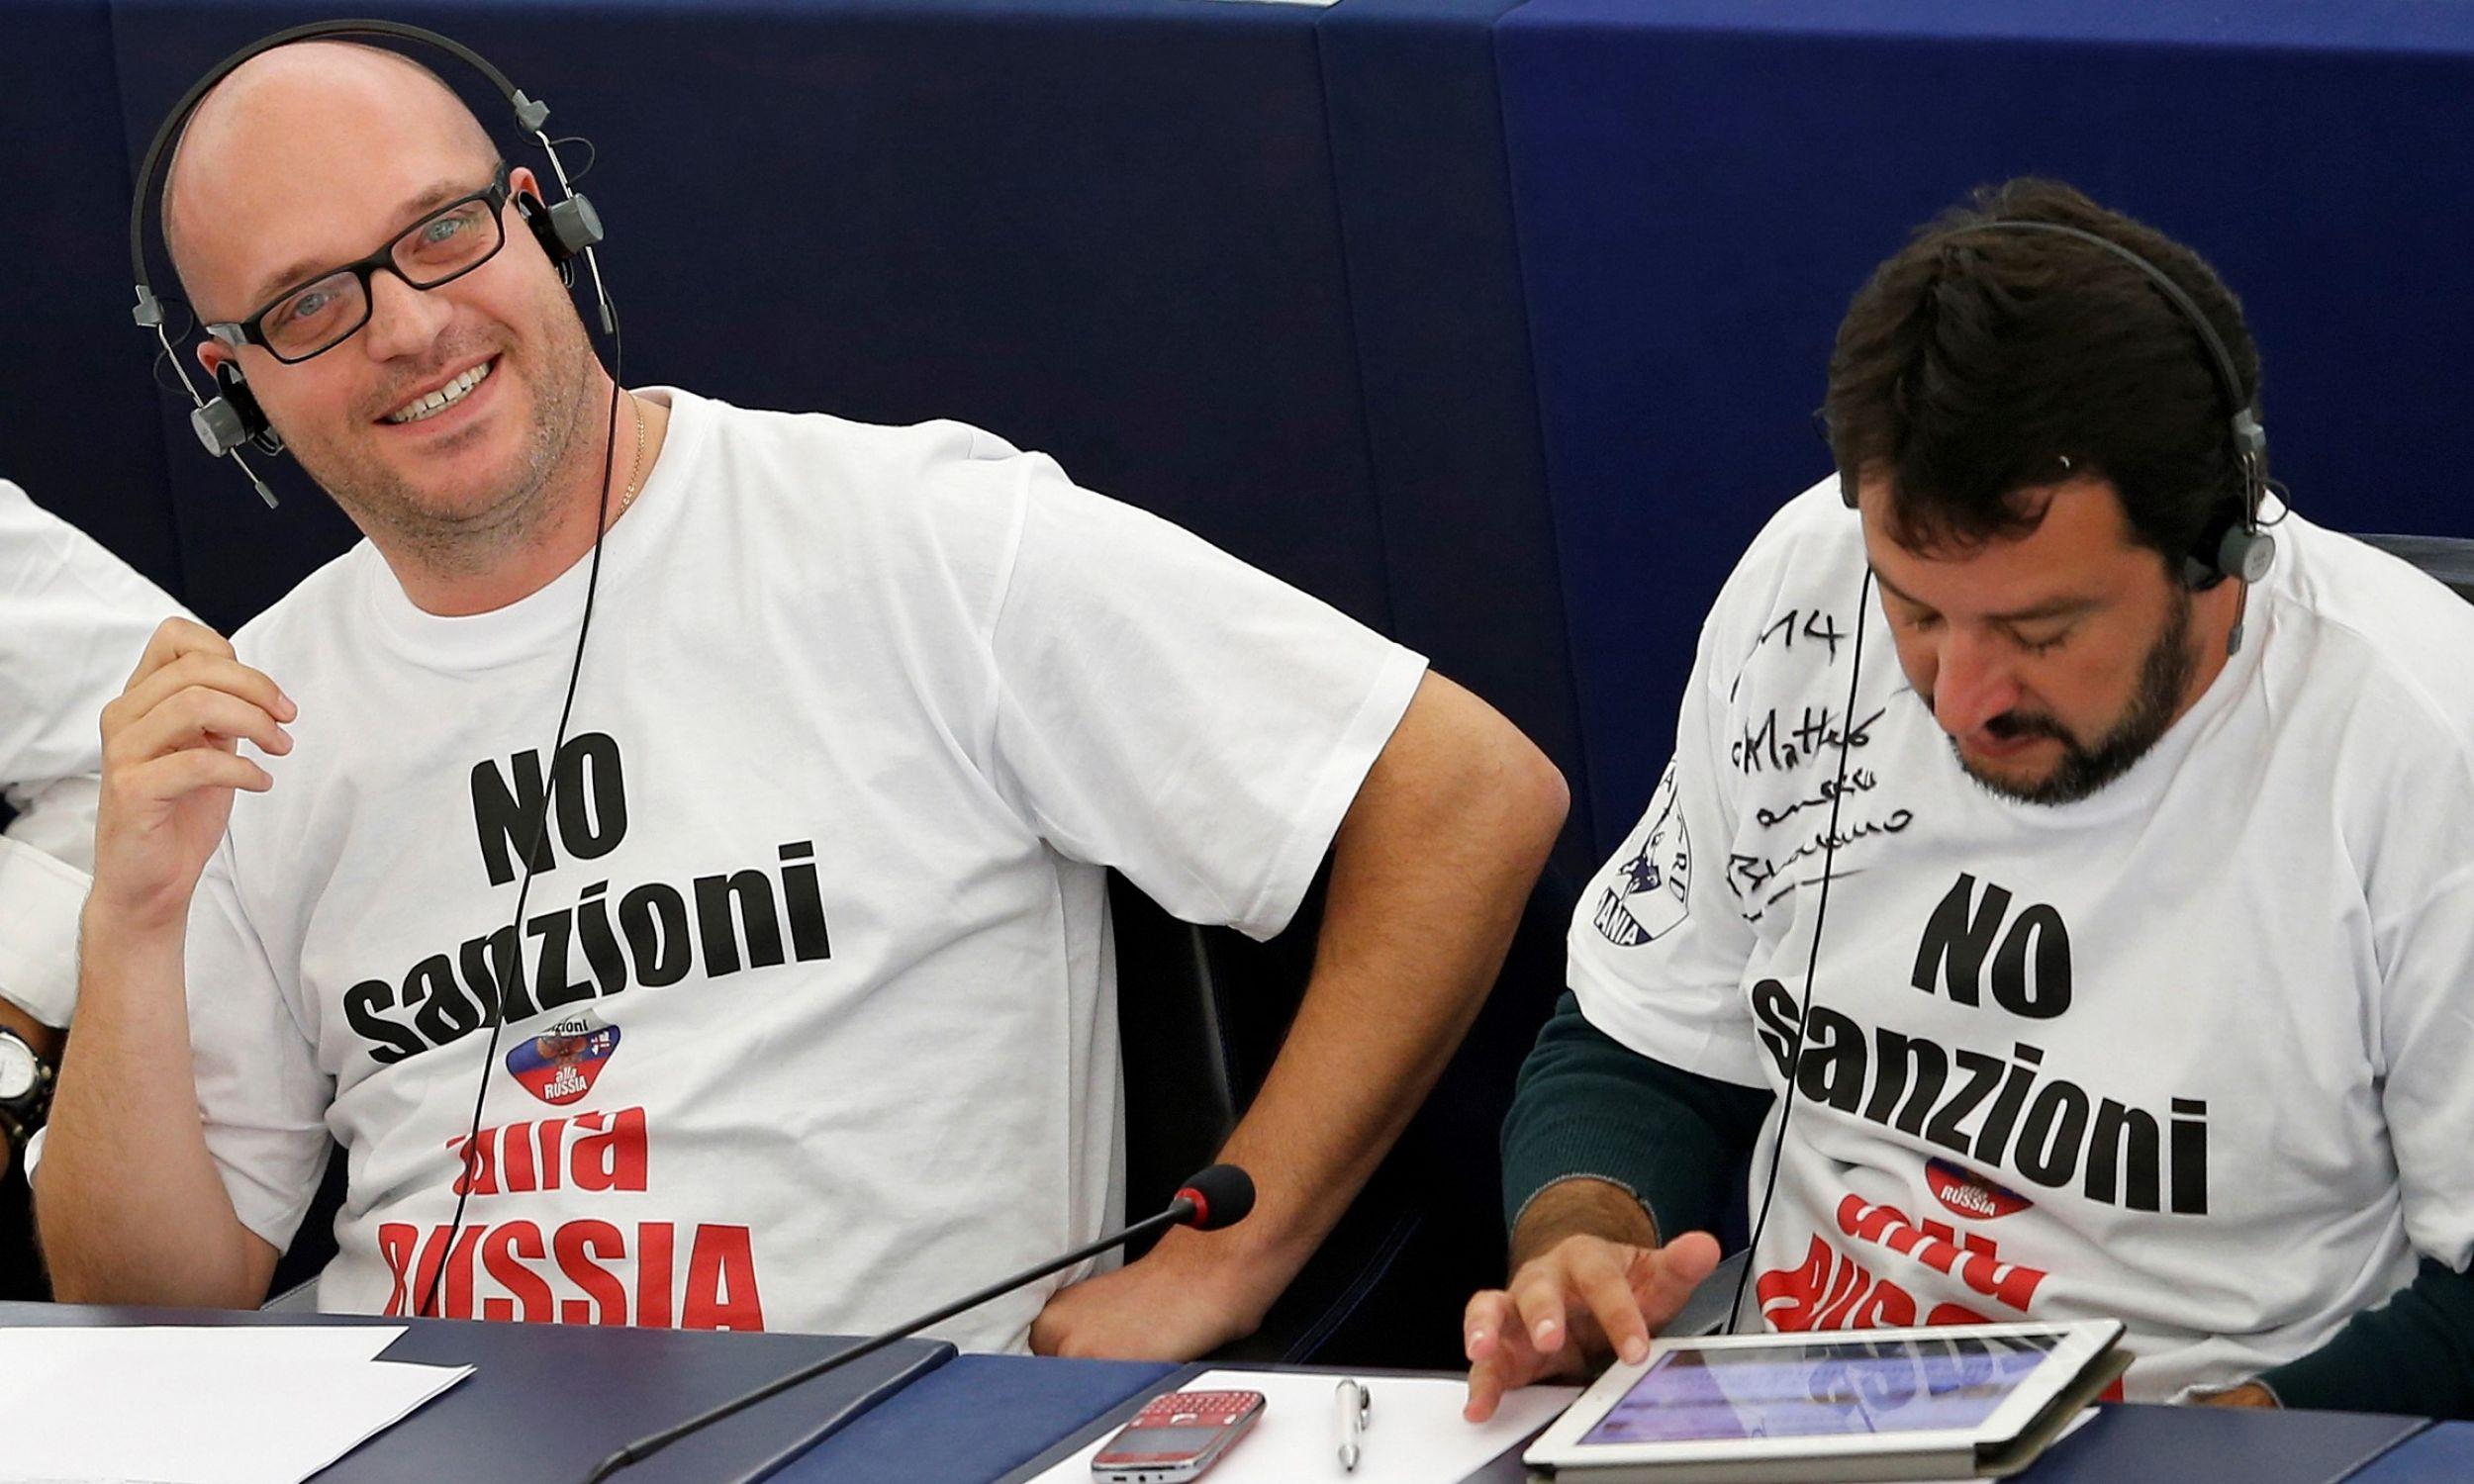 Protest włoskich europarlamentarzystów przeciw sankcjom wobec Rosji, wrzesień 2014 r. Na zdjęciu od prawej: Matteo Salvini i Lorenzo Fontana. Fot.  REUTERS/Vincent Kessler